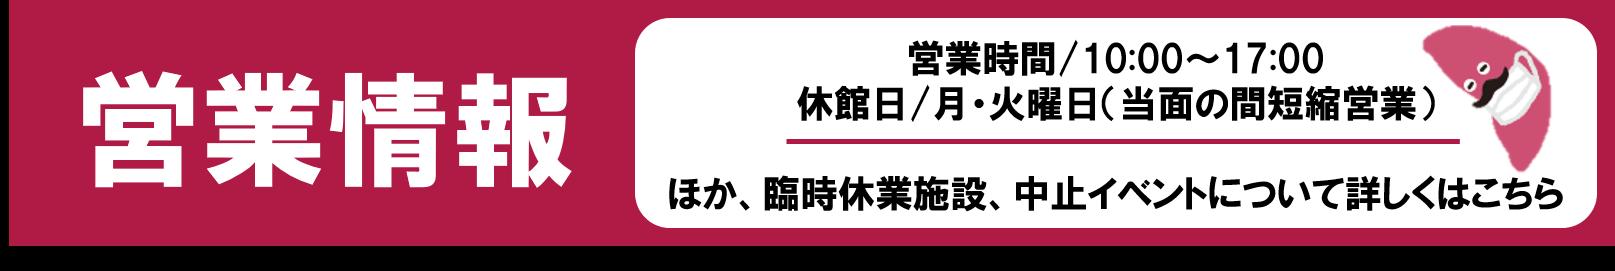 営業再開のお知らせ(スマホ)